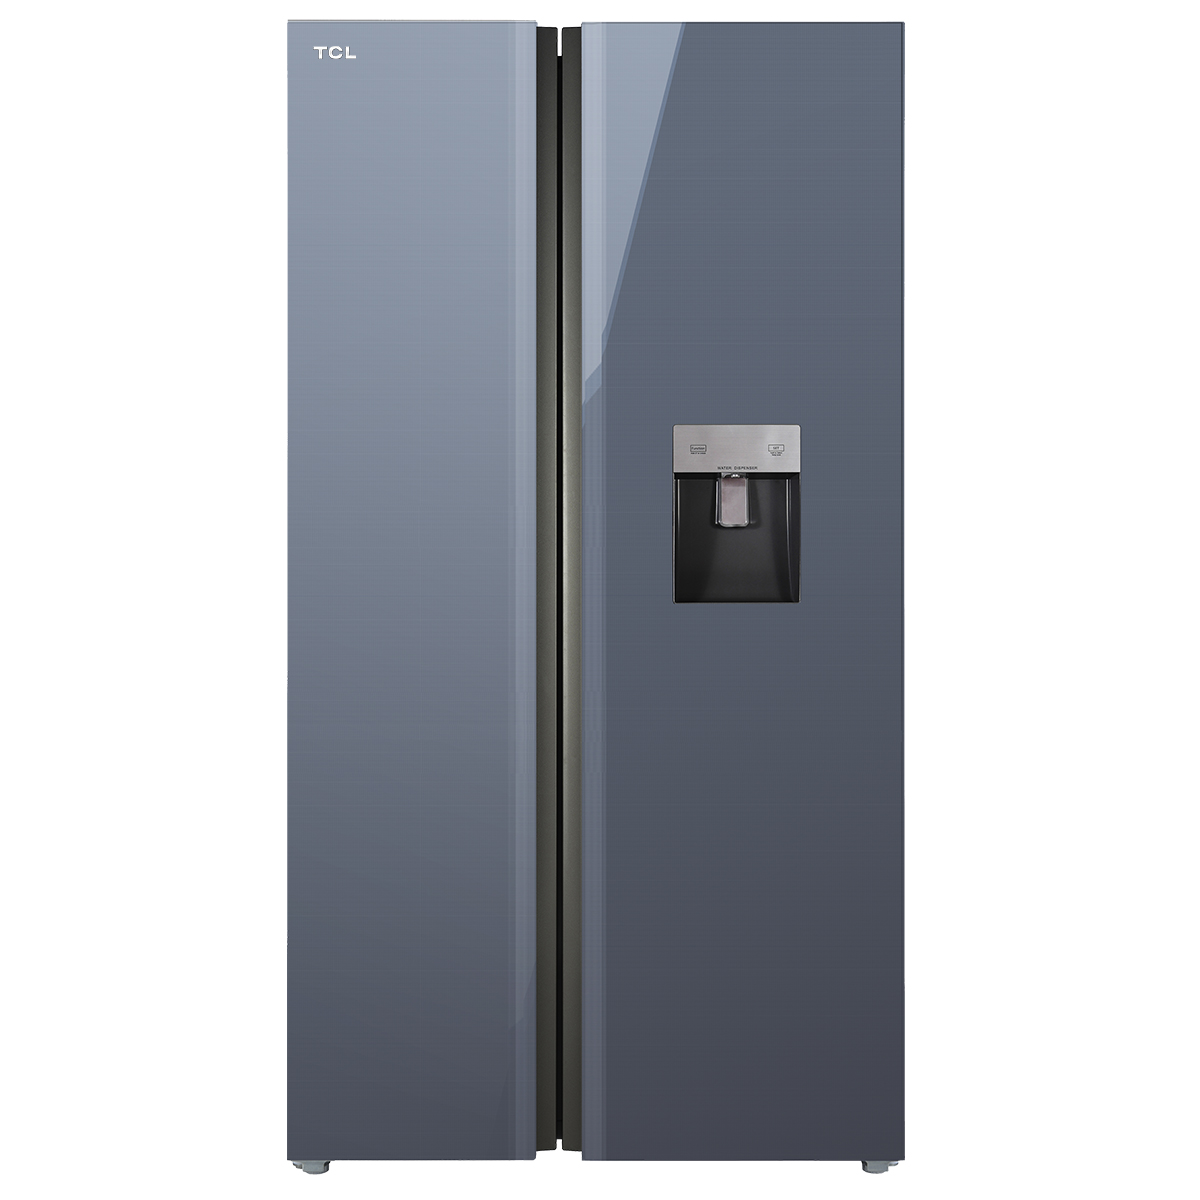 فروش نقدی و اقساطی یخچال و فریزر ساید بای ساید تی سی ال مدل S660-AGD/AWD/ASD/AMD